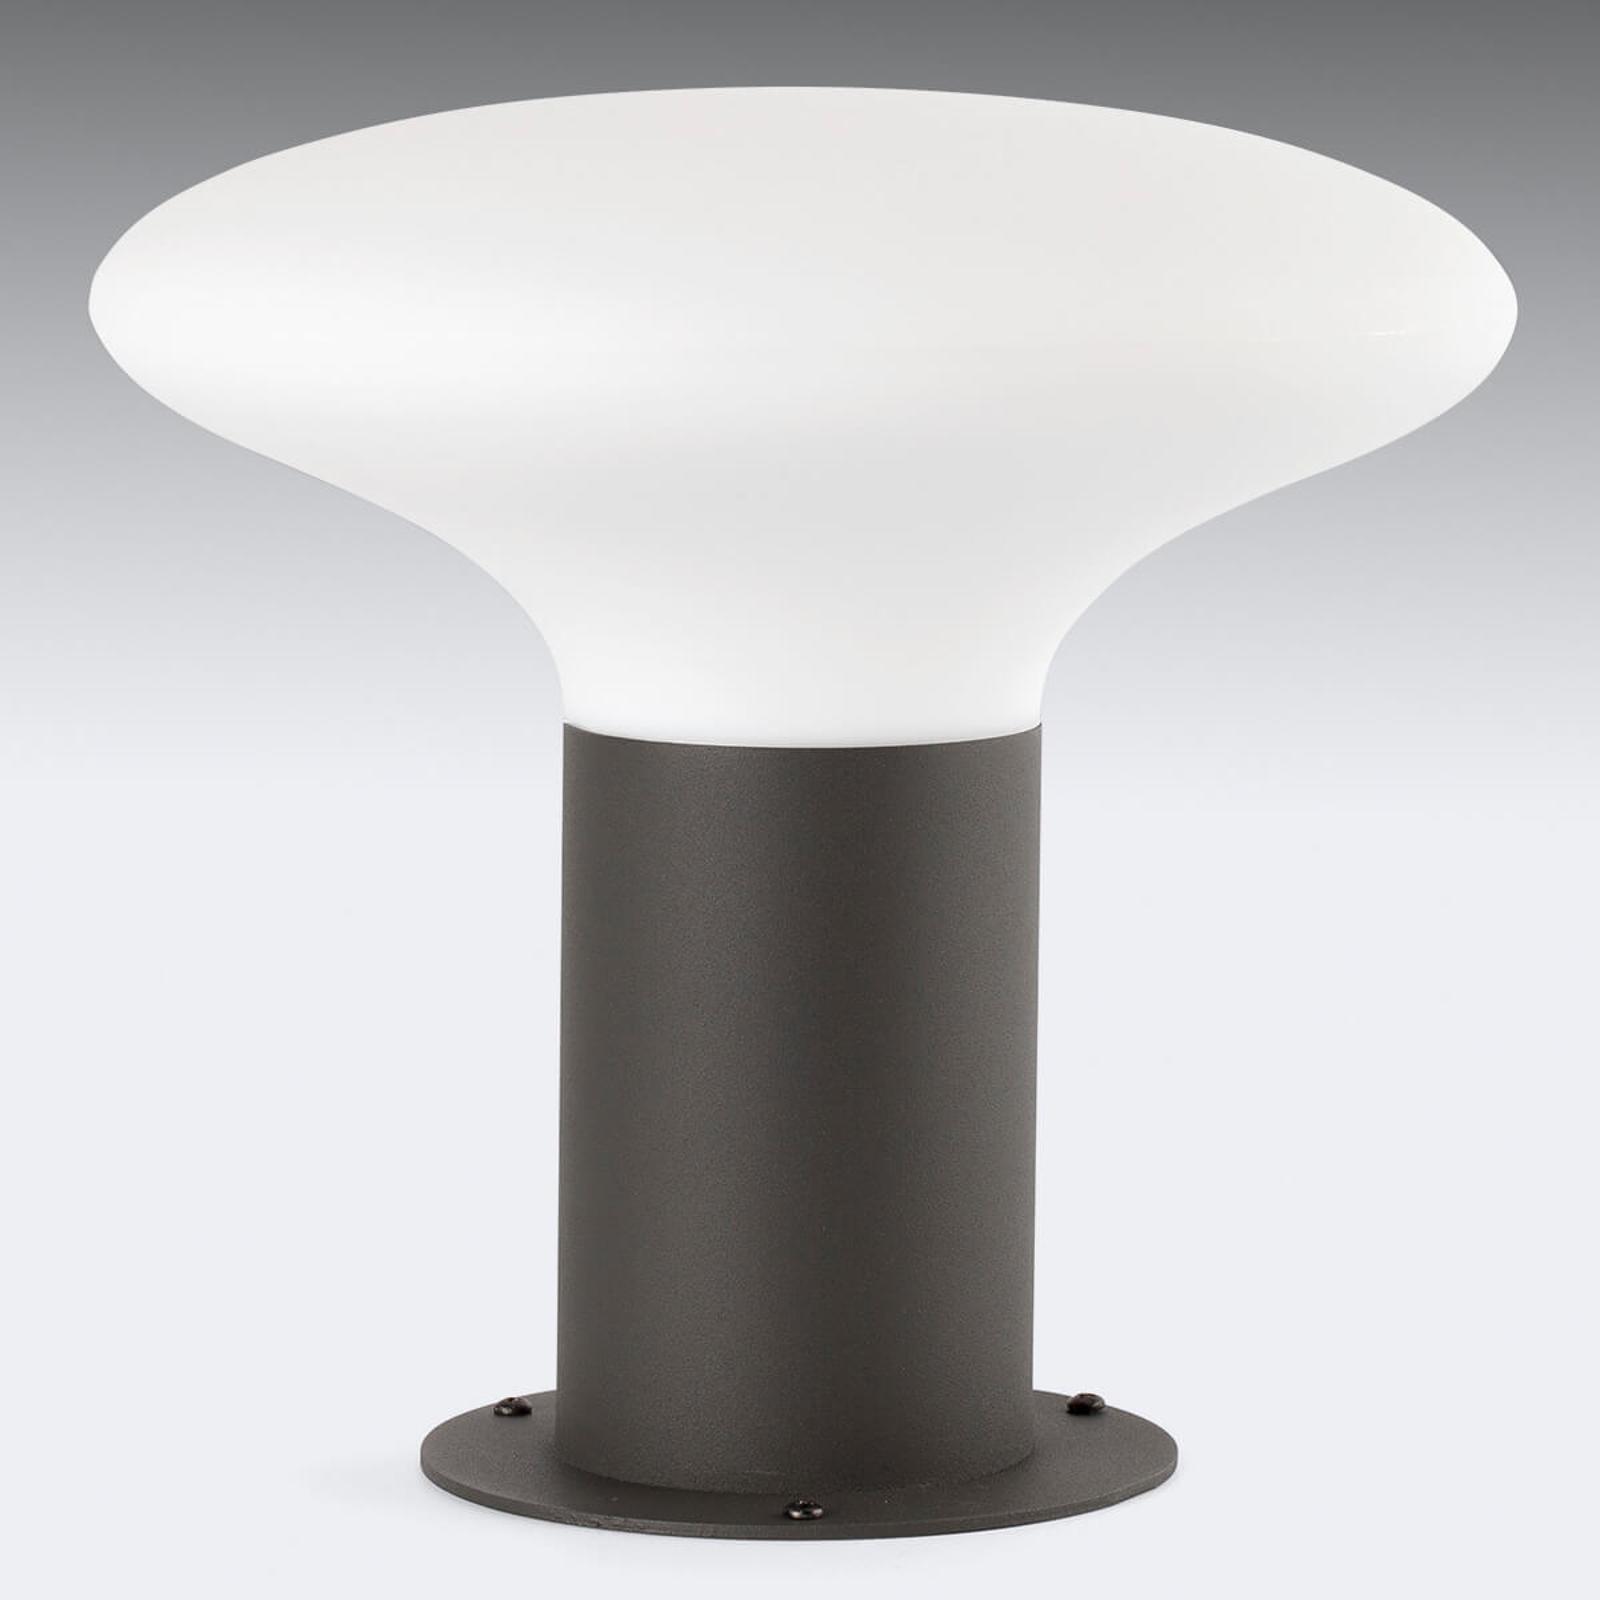 LED-Sockelleuchte Blub's, 24 cm